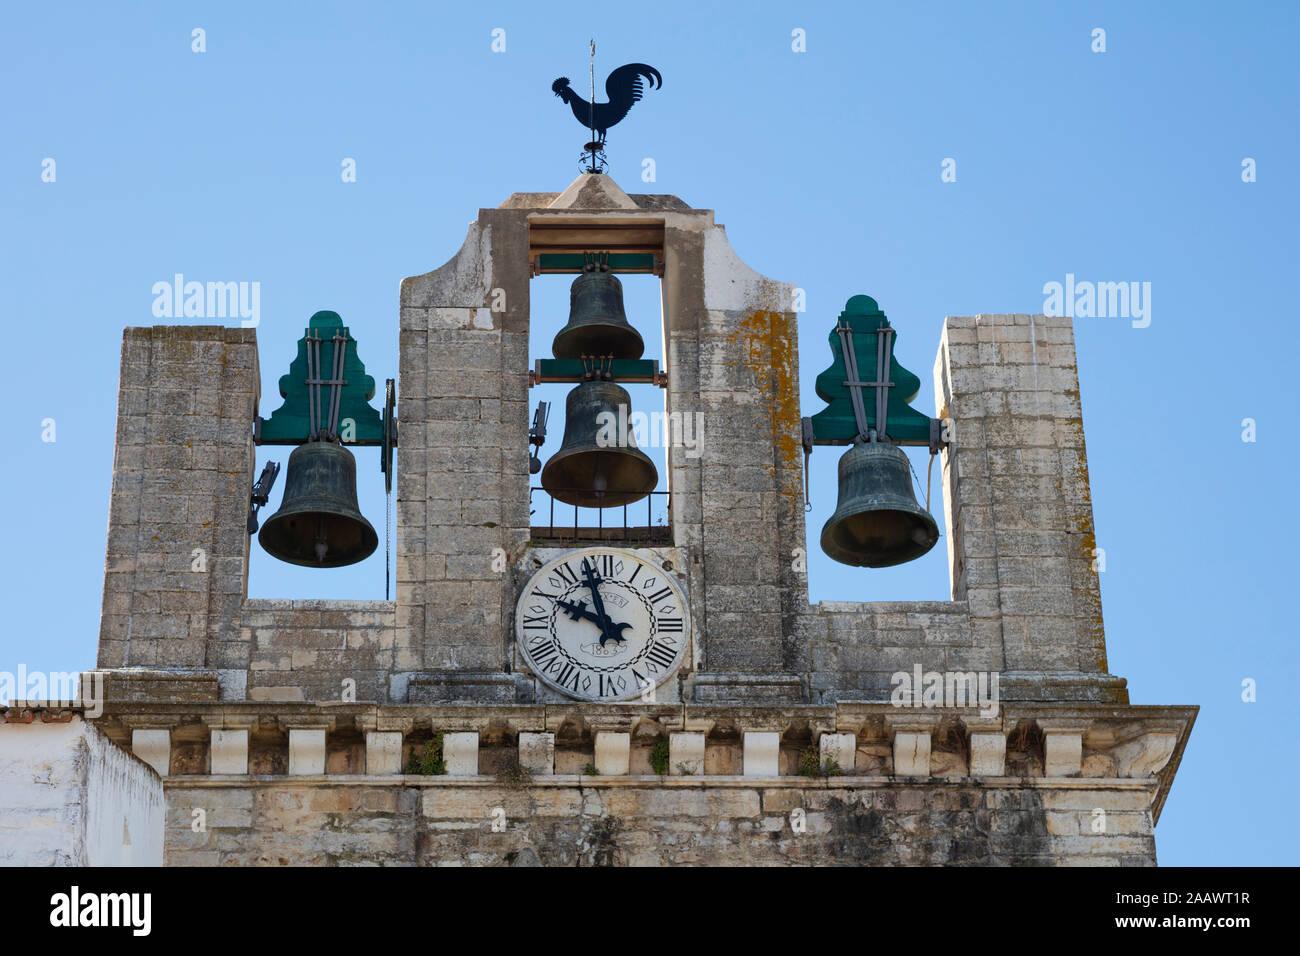 Basso angolo vista della torre campanaria contro il cielo chiaro a Faro, Portogallo Foto Stock